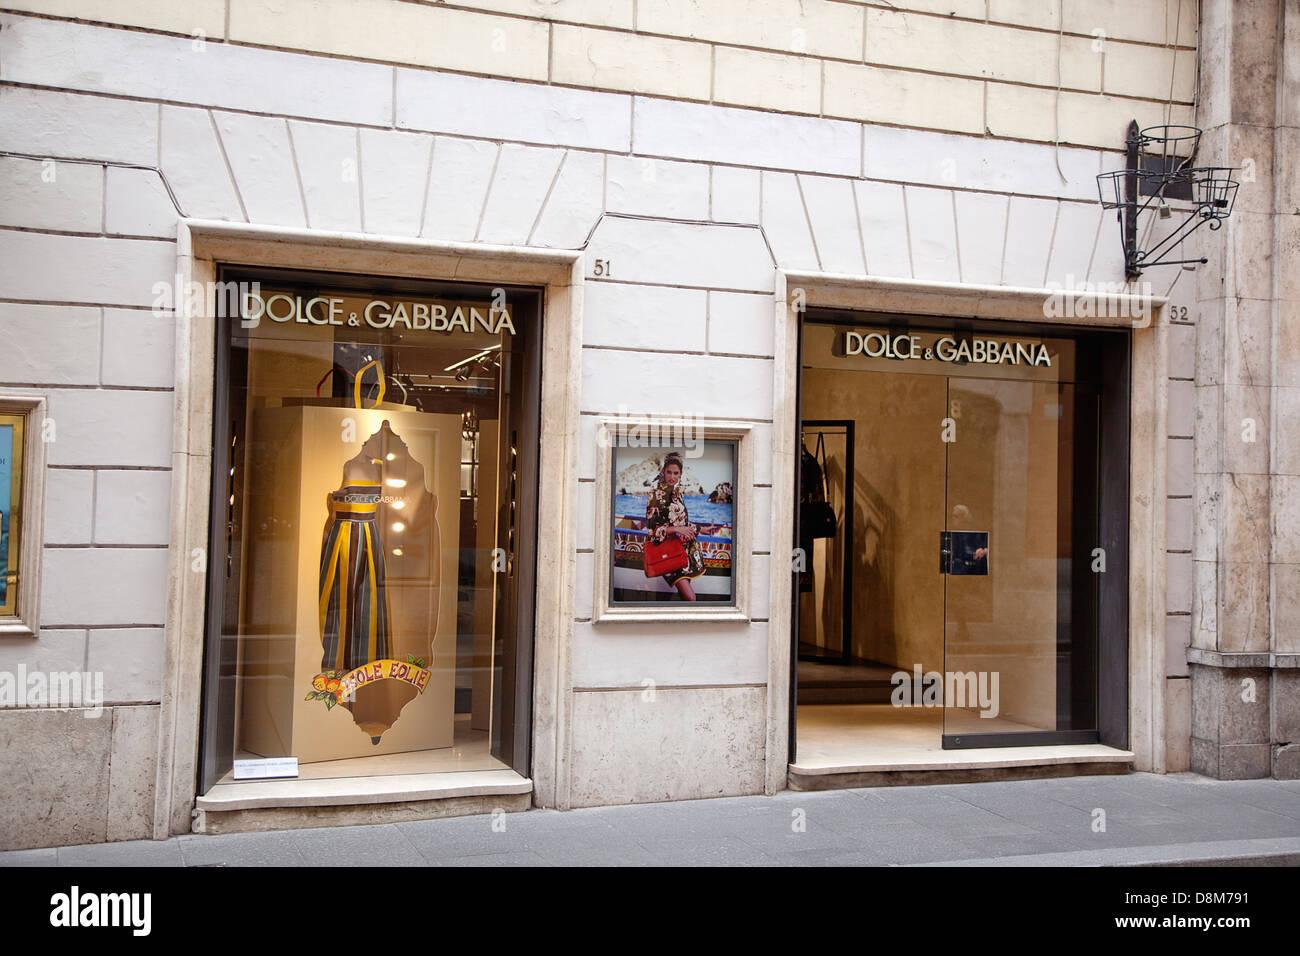 Italy, Lazio, Rome, Via del Condotti, Exterior of the Dolce and Gabbana shop. - Stock Image